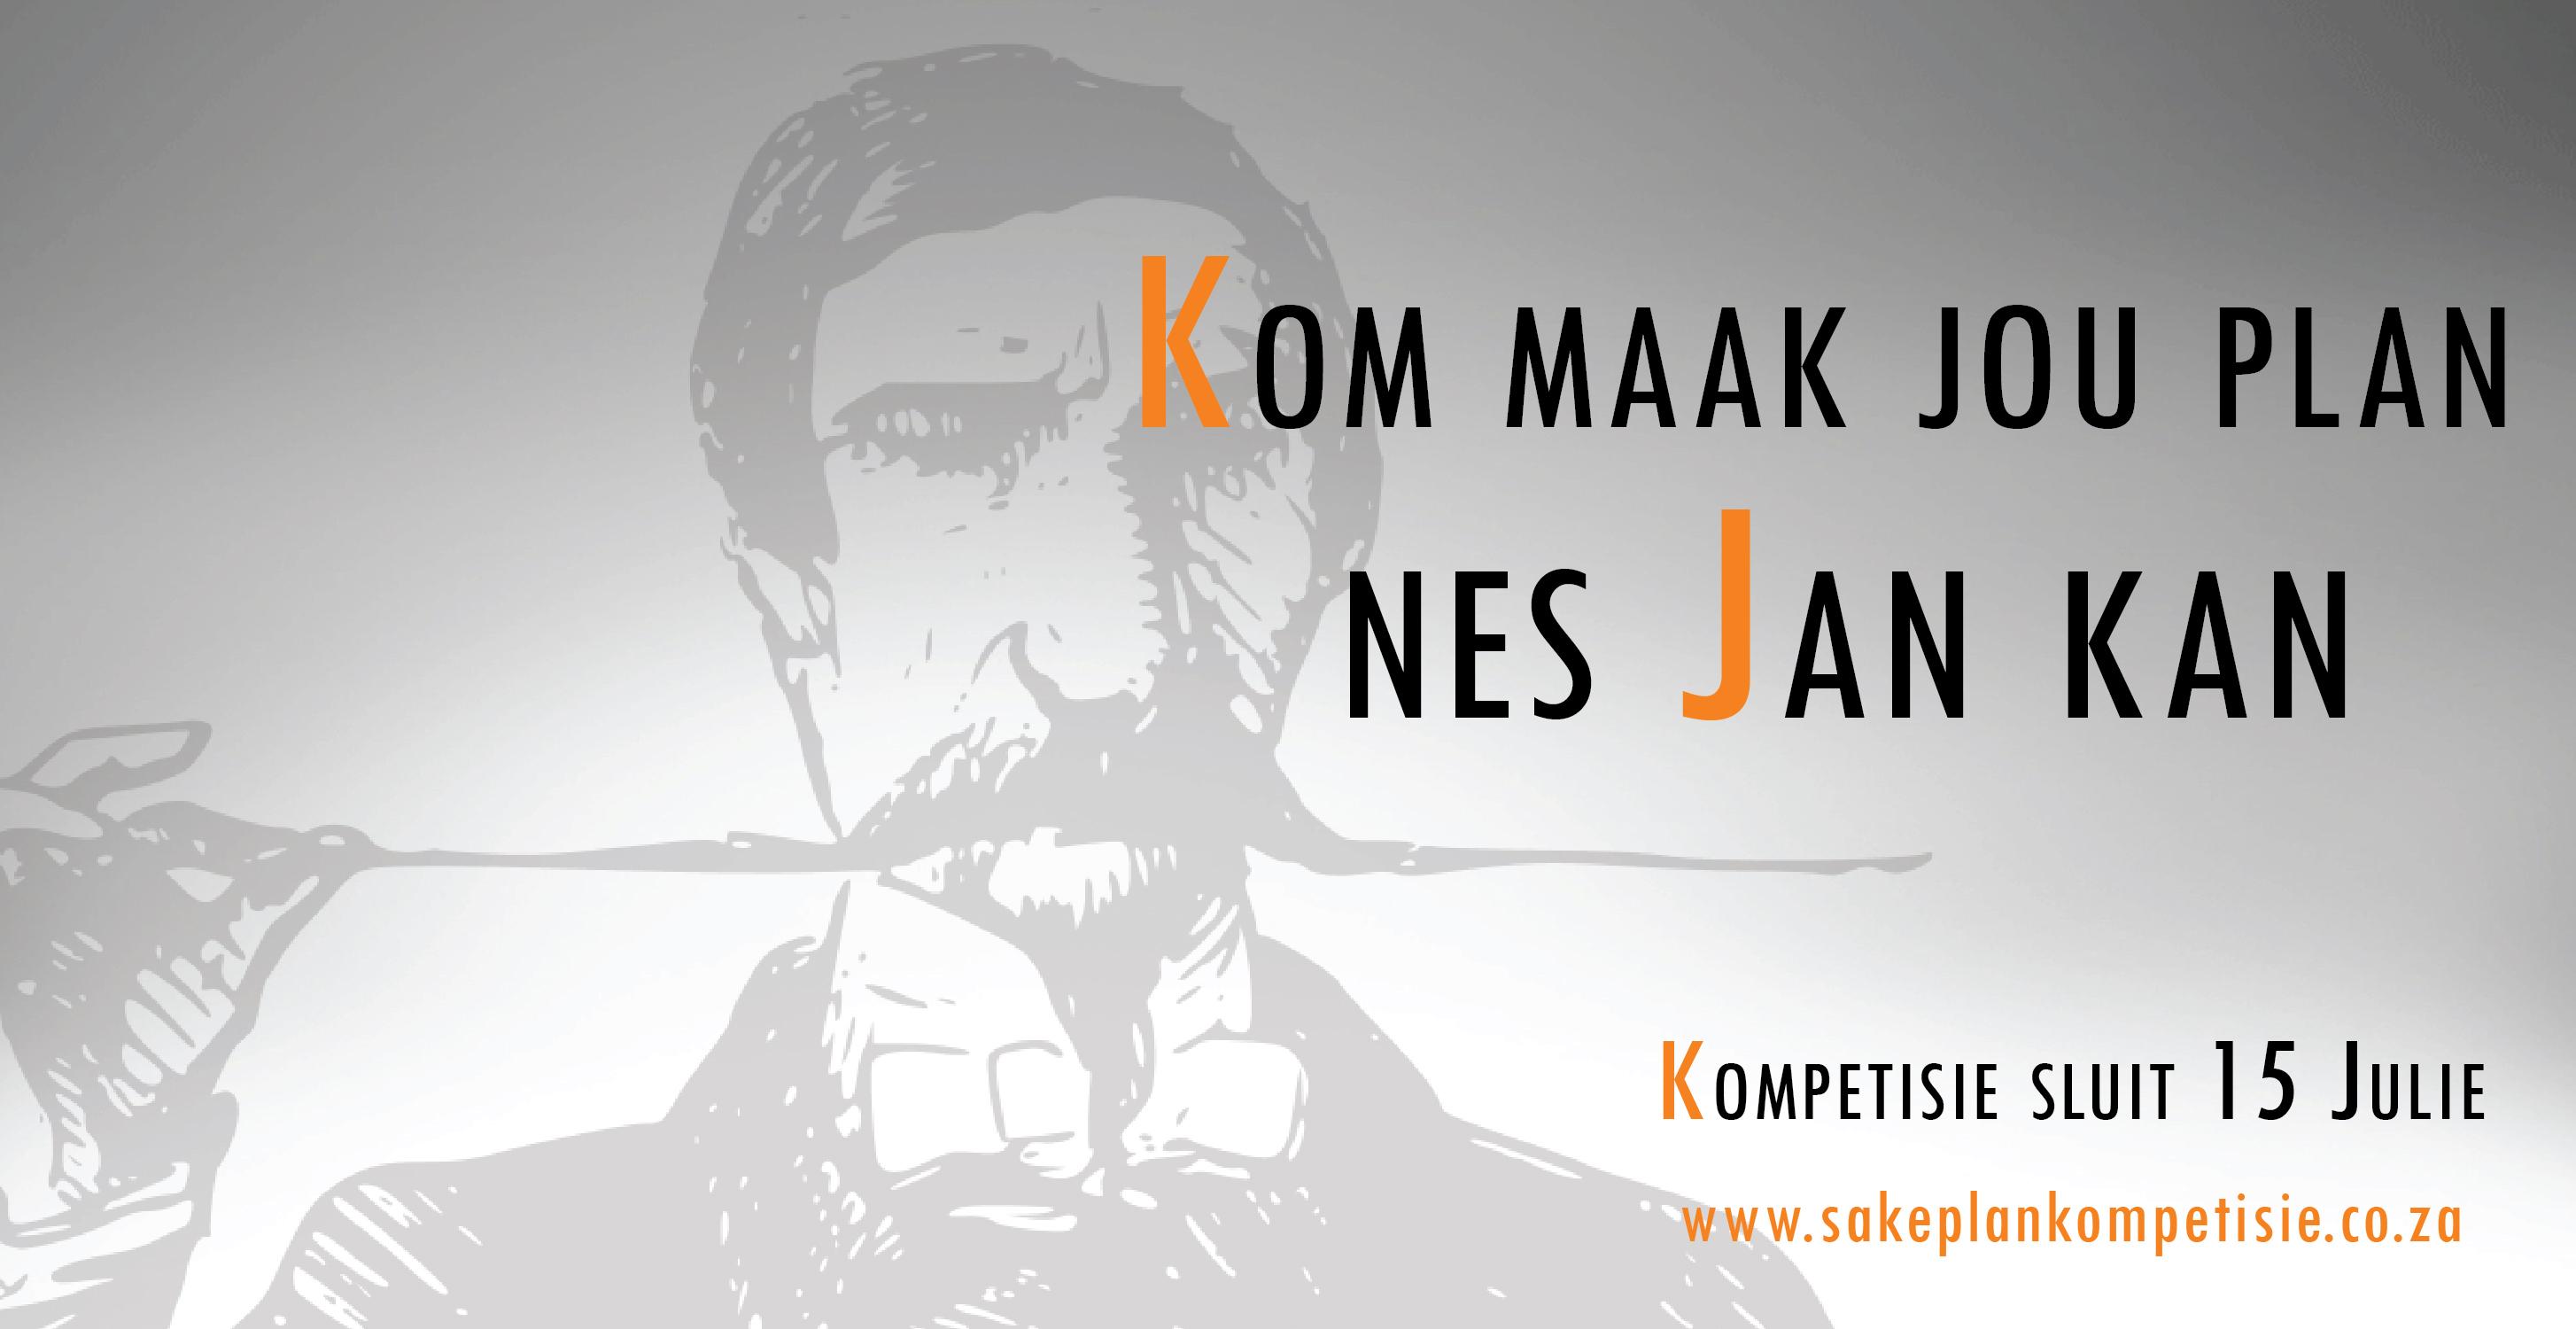 Peri Peri Creative - Akademia Sakeplankompetisie 2015-Nes JAN Kan3